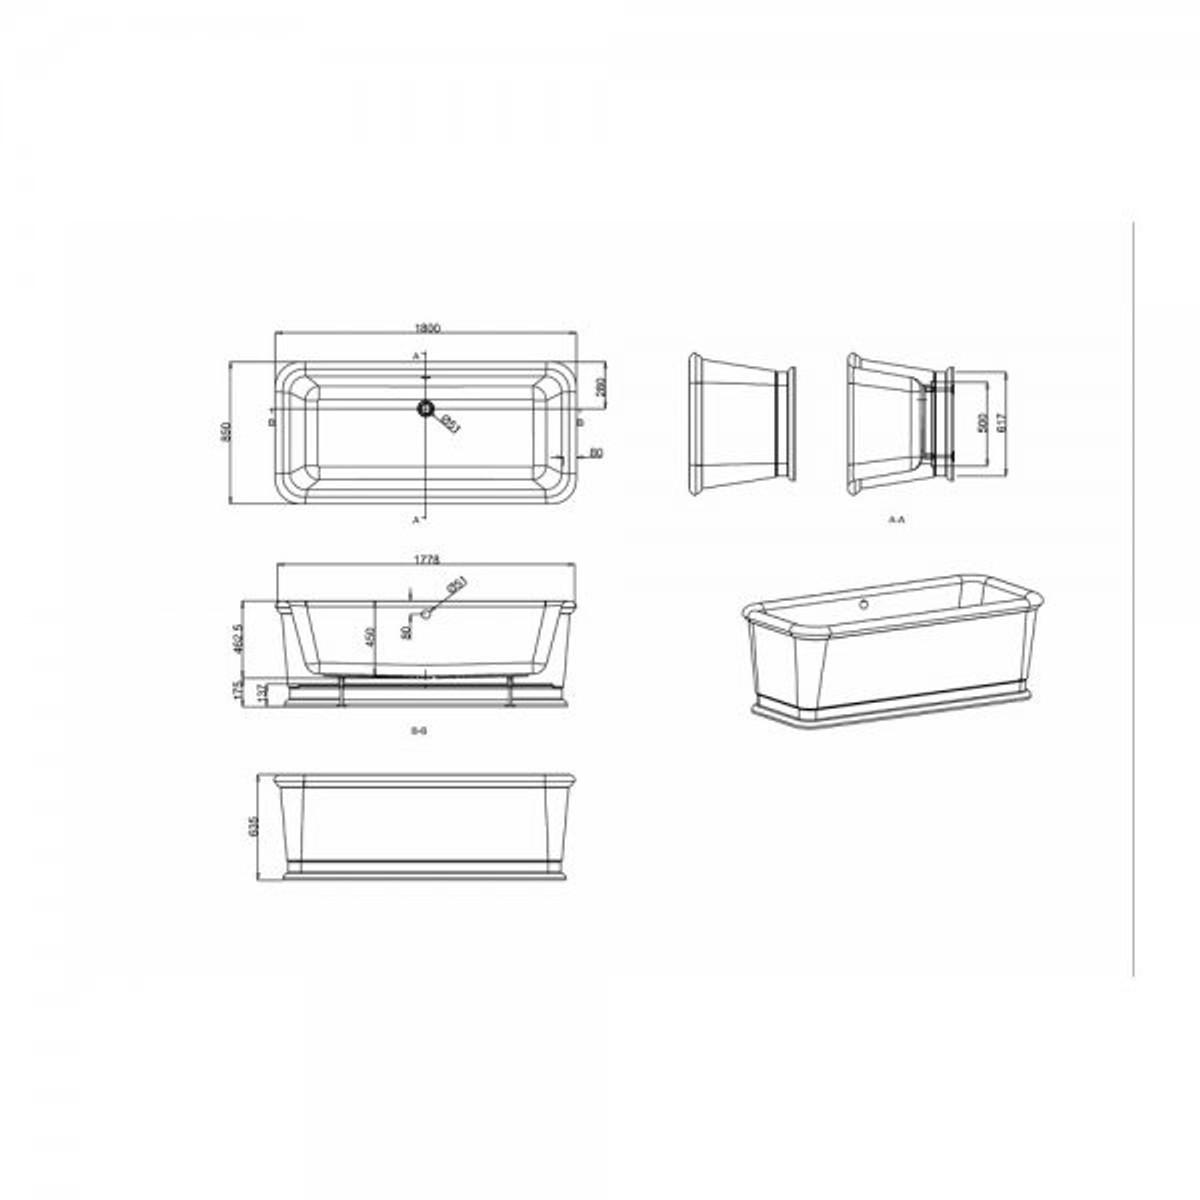 casa padrino badewanne freistehend rechteckig 1800mm blon freistehende retro antik badewanne. Black Bedroom Furniture Sets. Home Design Ideas